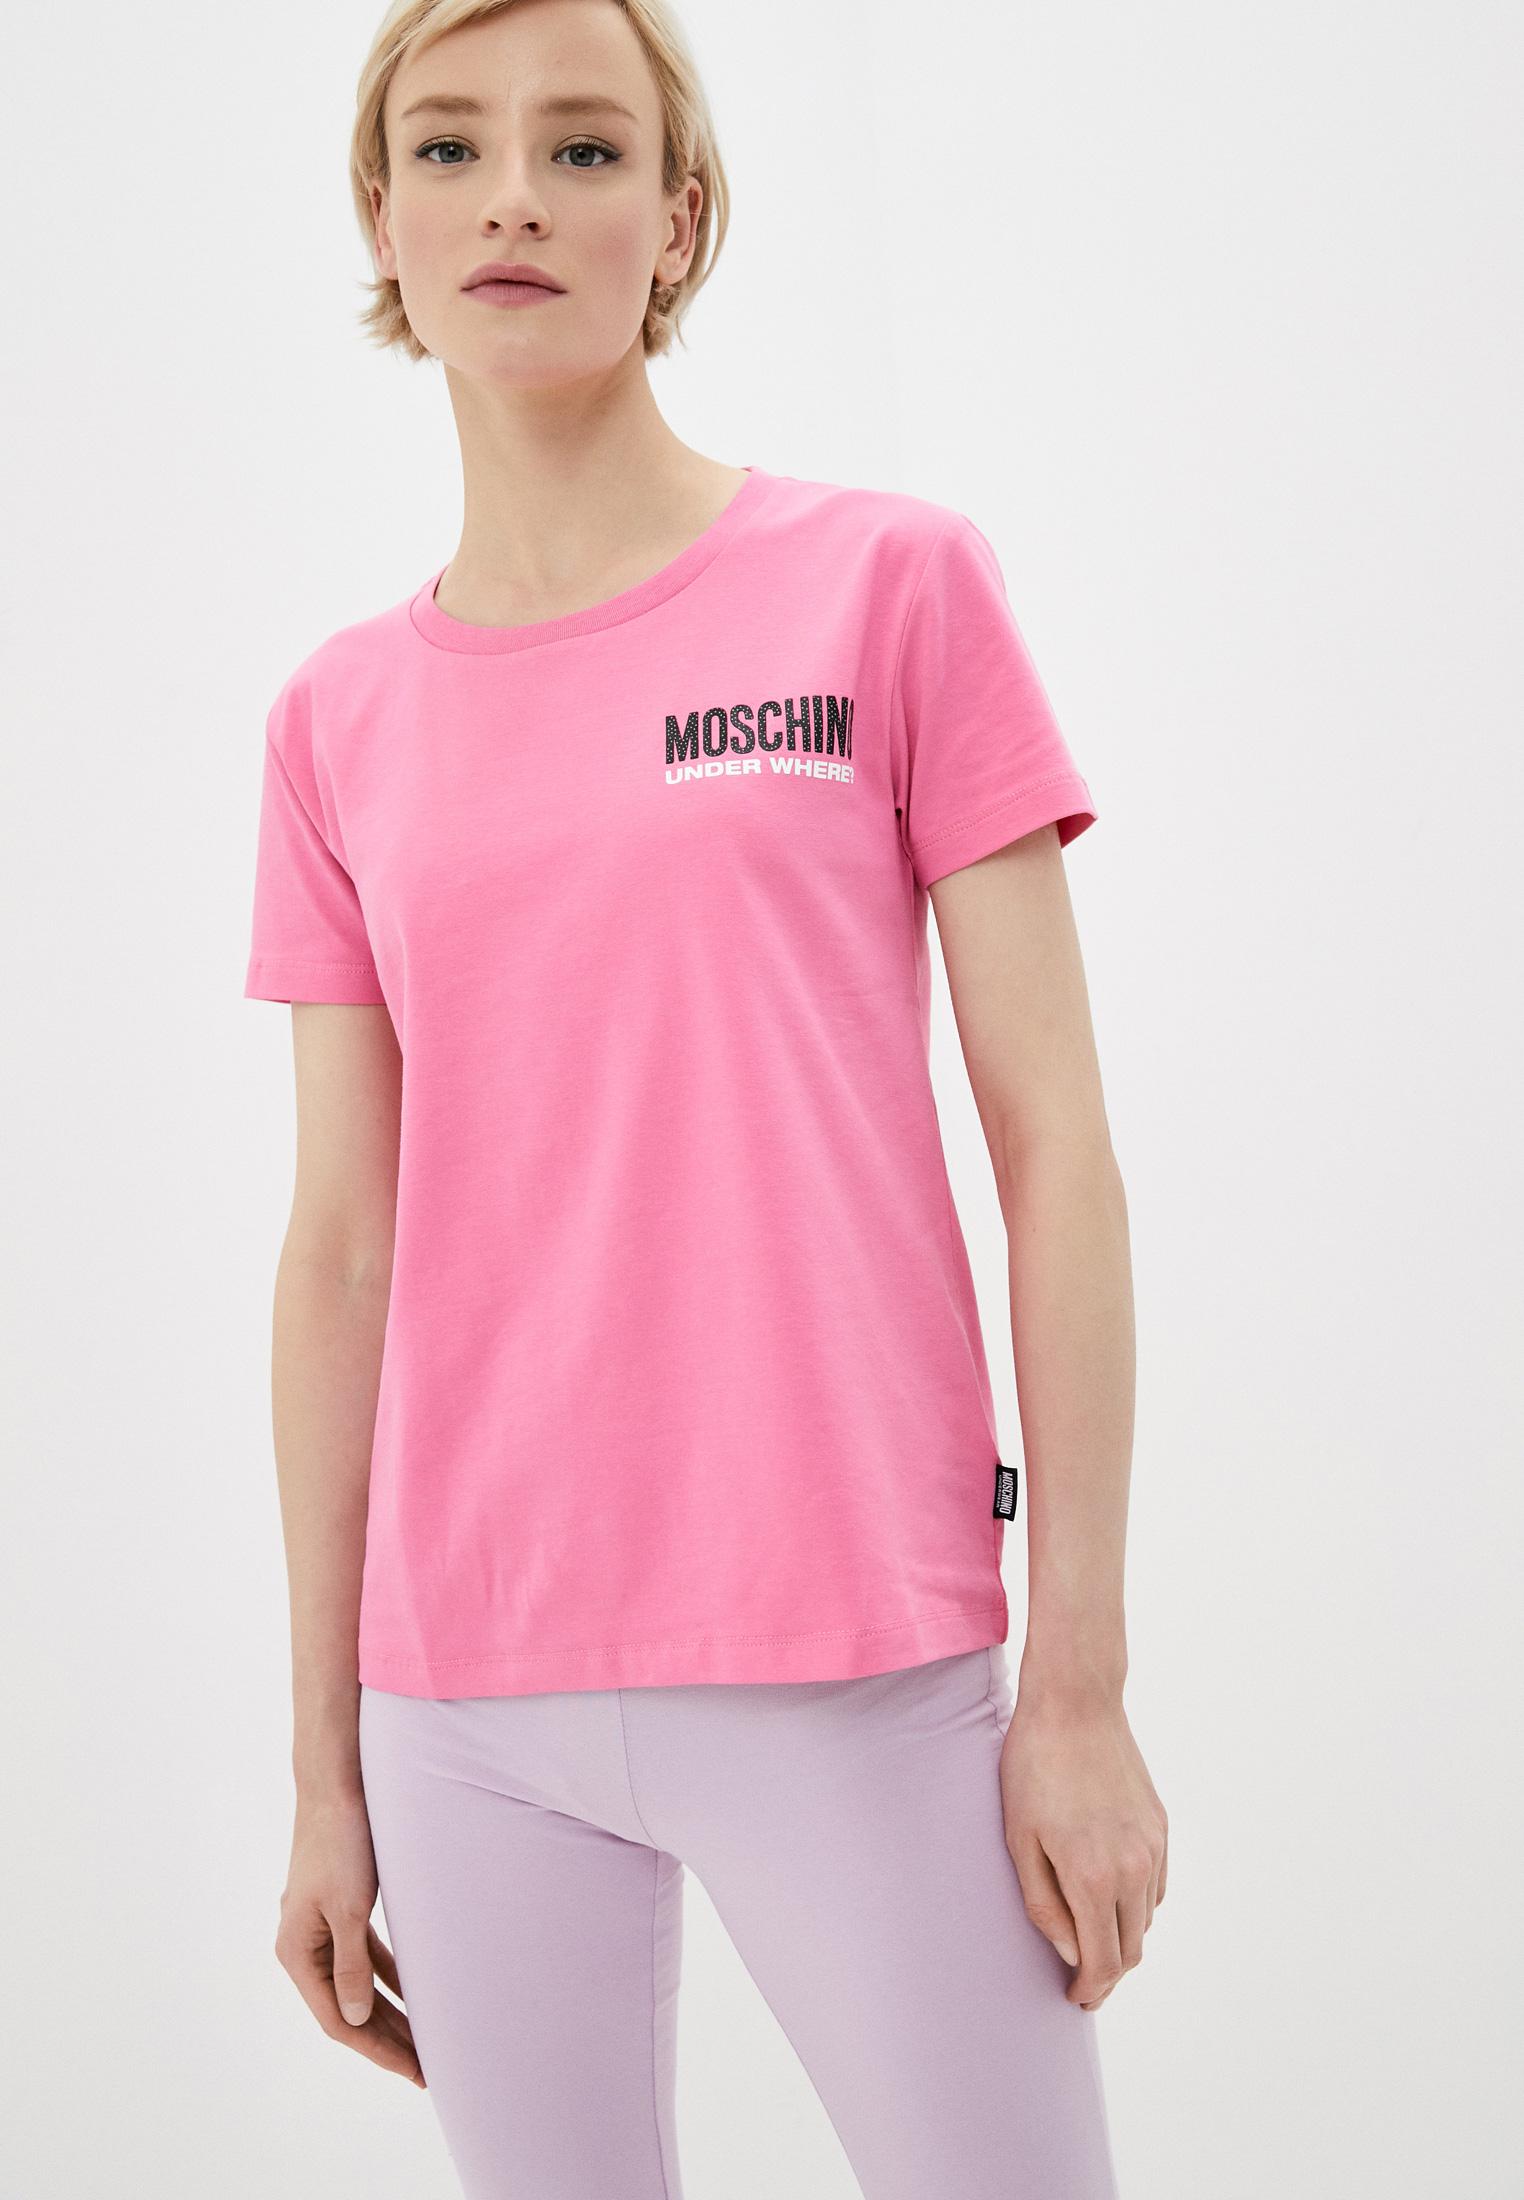 Домашняя футболка Moschino Underwear Футболка домашняя Moschino Underwear